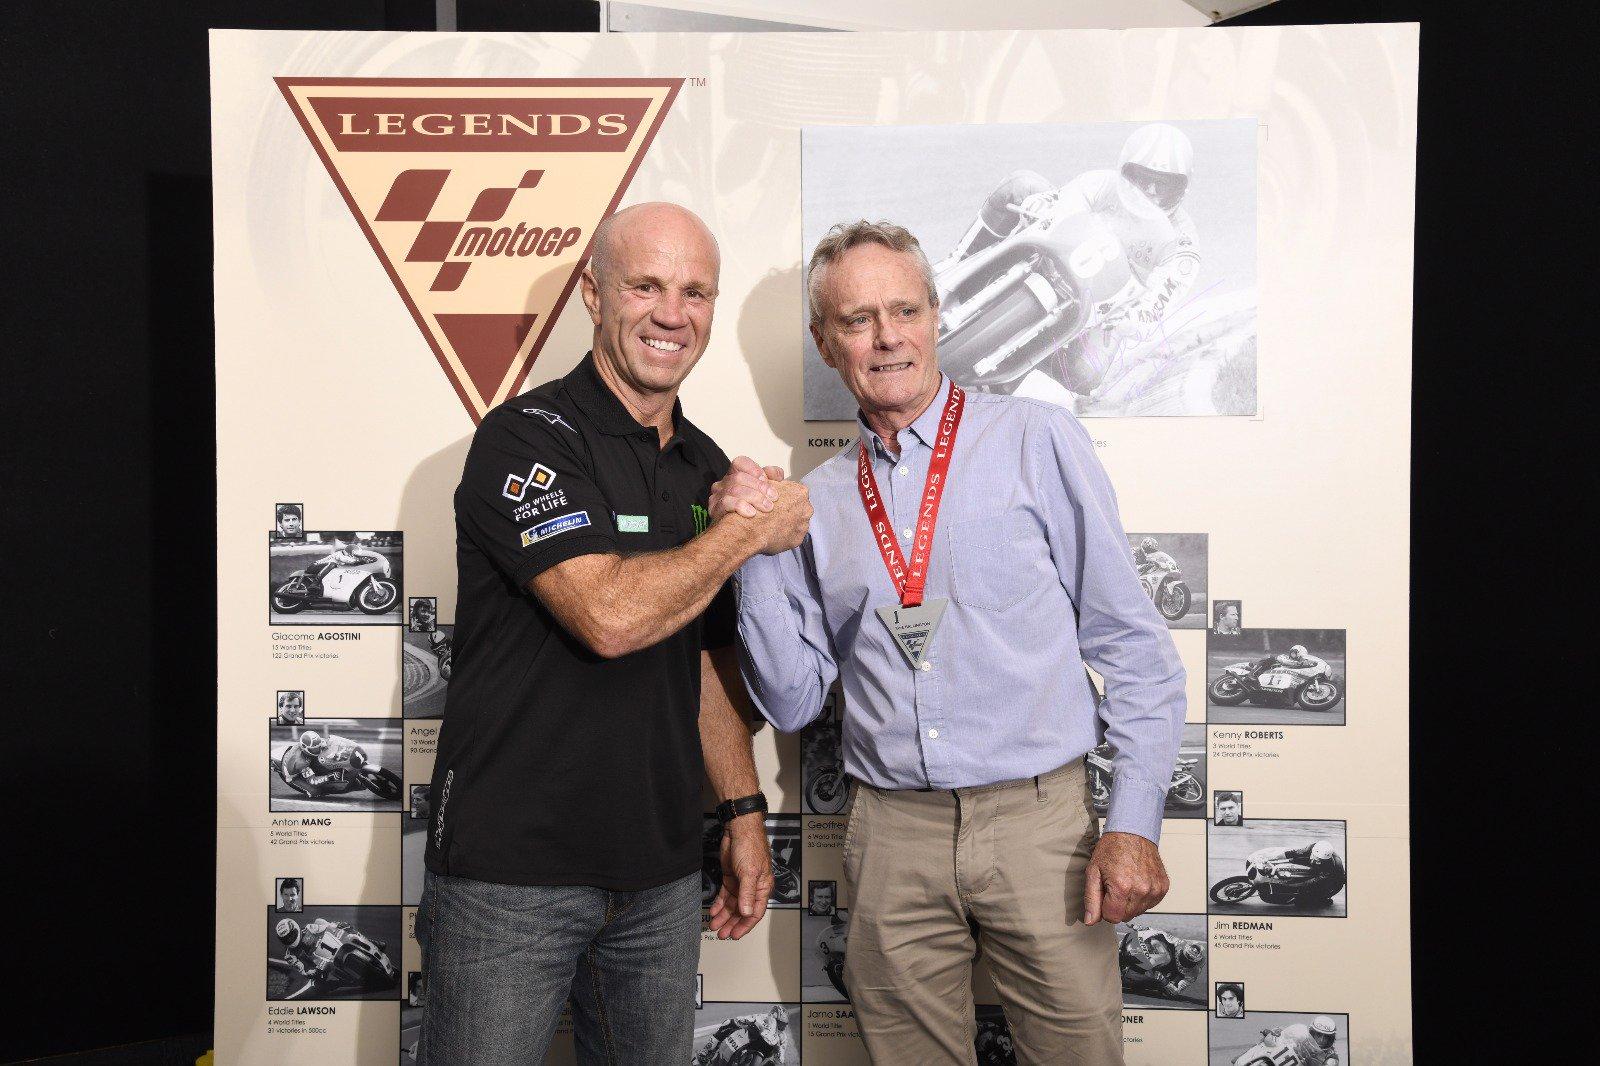 Kork Ballington byl zařazen do síně Legend MotoGP